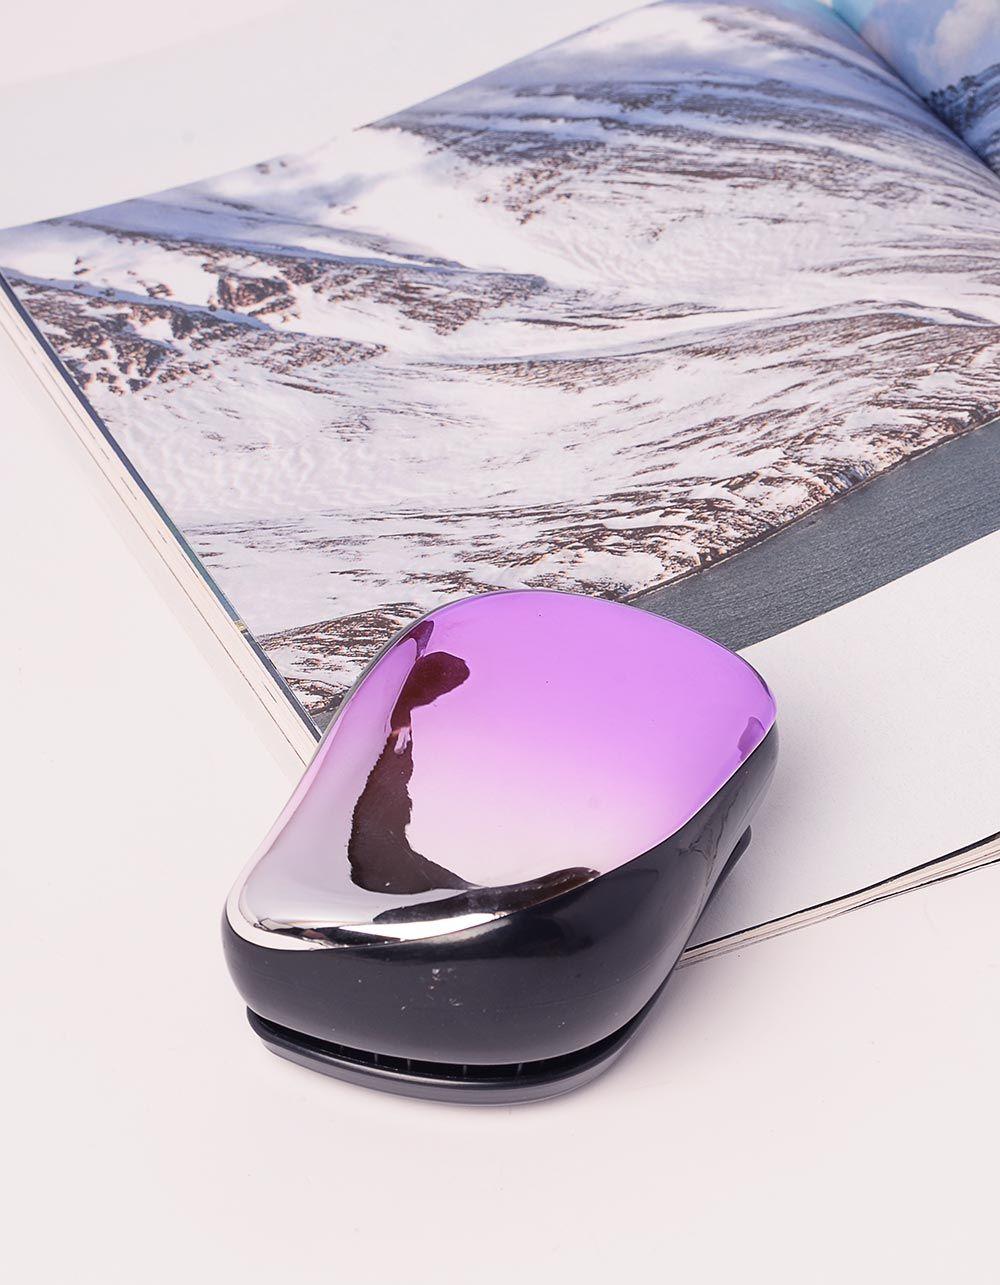 Гребінець з глянцевим голографічним покриттям | 239278-03-XX